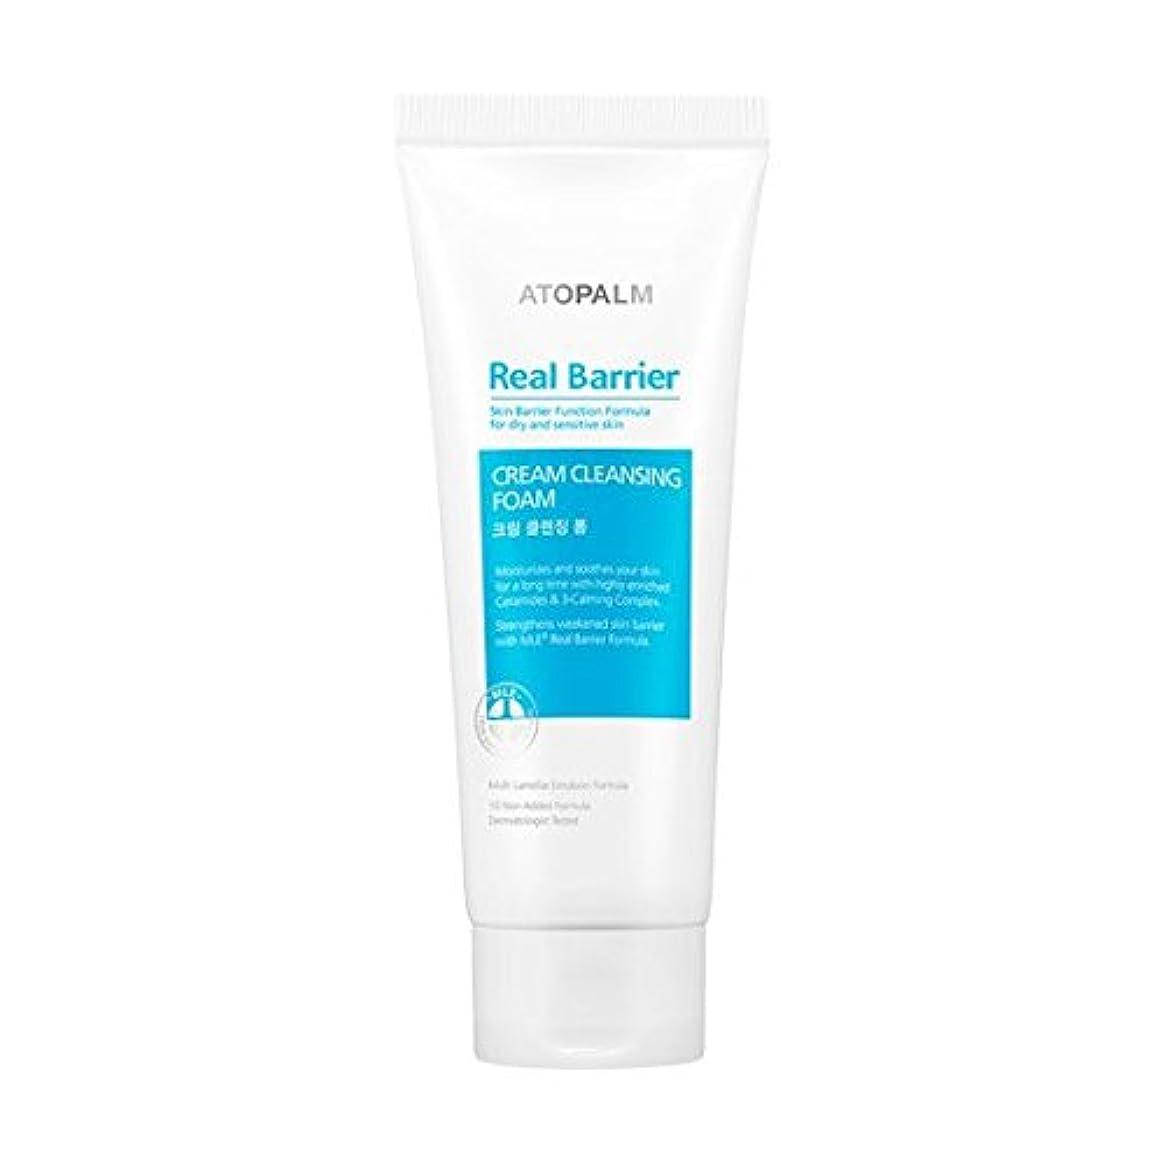 ラップトップクラフト瞑想的[Atopalm (韓国コスメ アトパーム)] Real barrier cream cleansing foam (150g) リアルバリアクリームクレンジング?フォーム[並行輸入品][海外直送品]